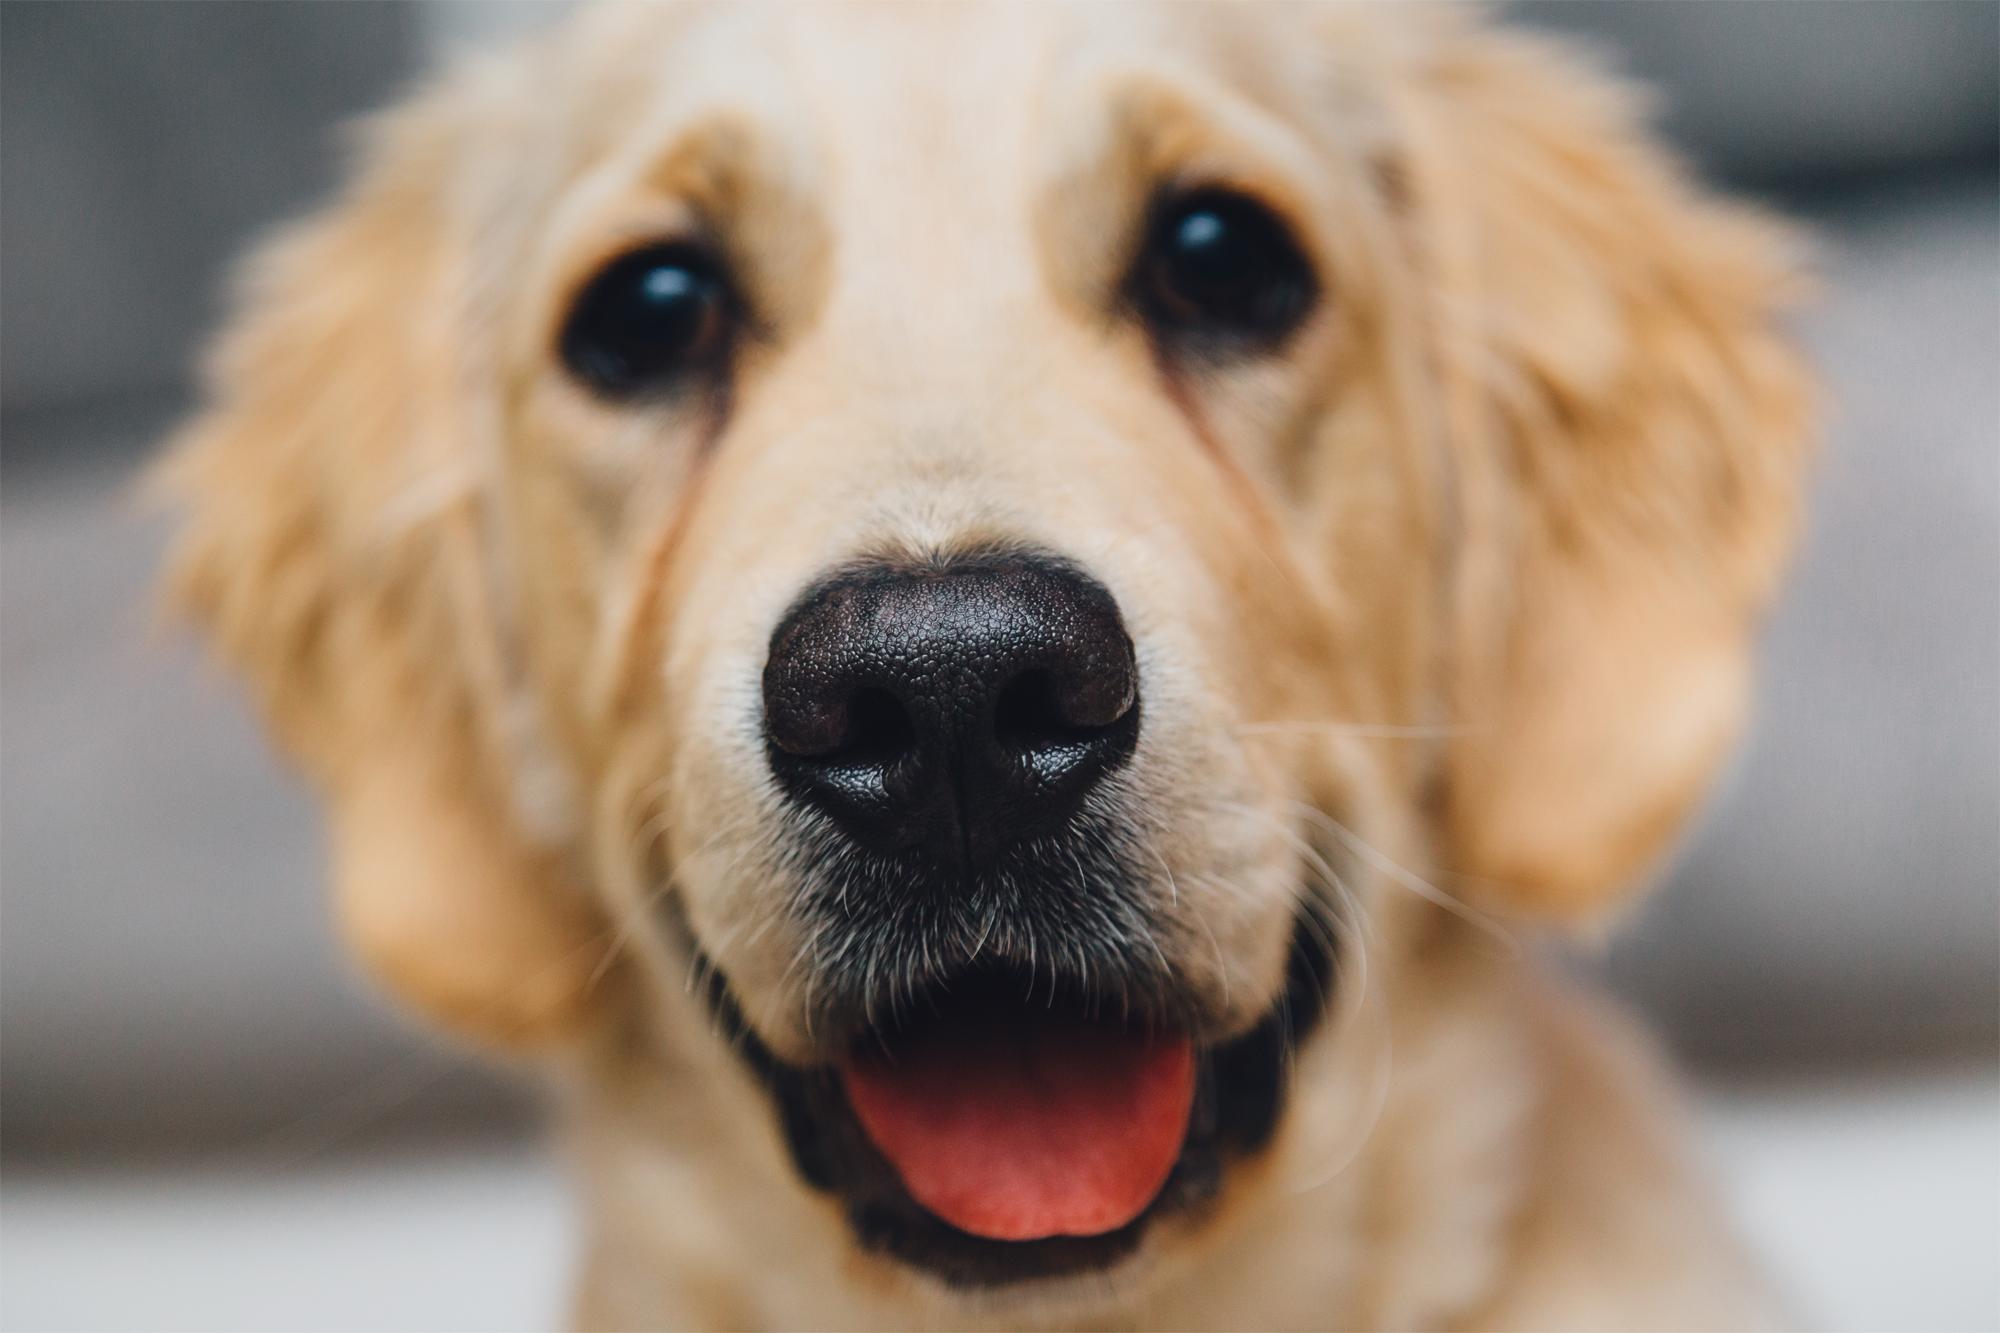 La Pet Therapy: i benefici per la salute della terapia con gli animali